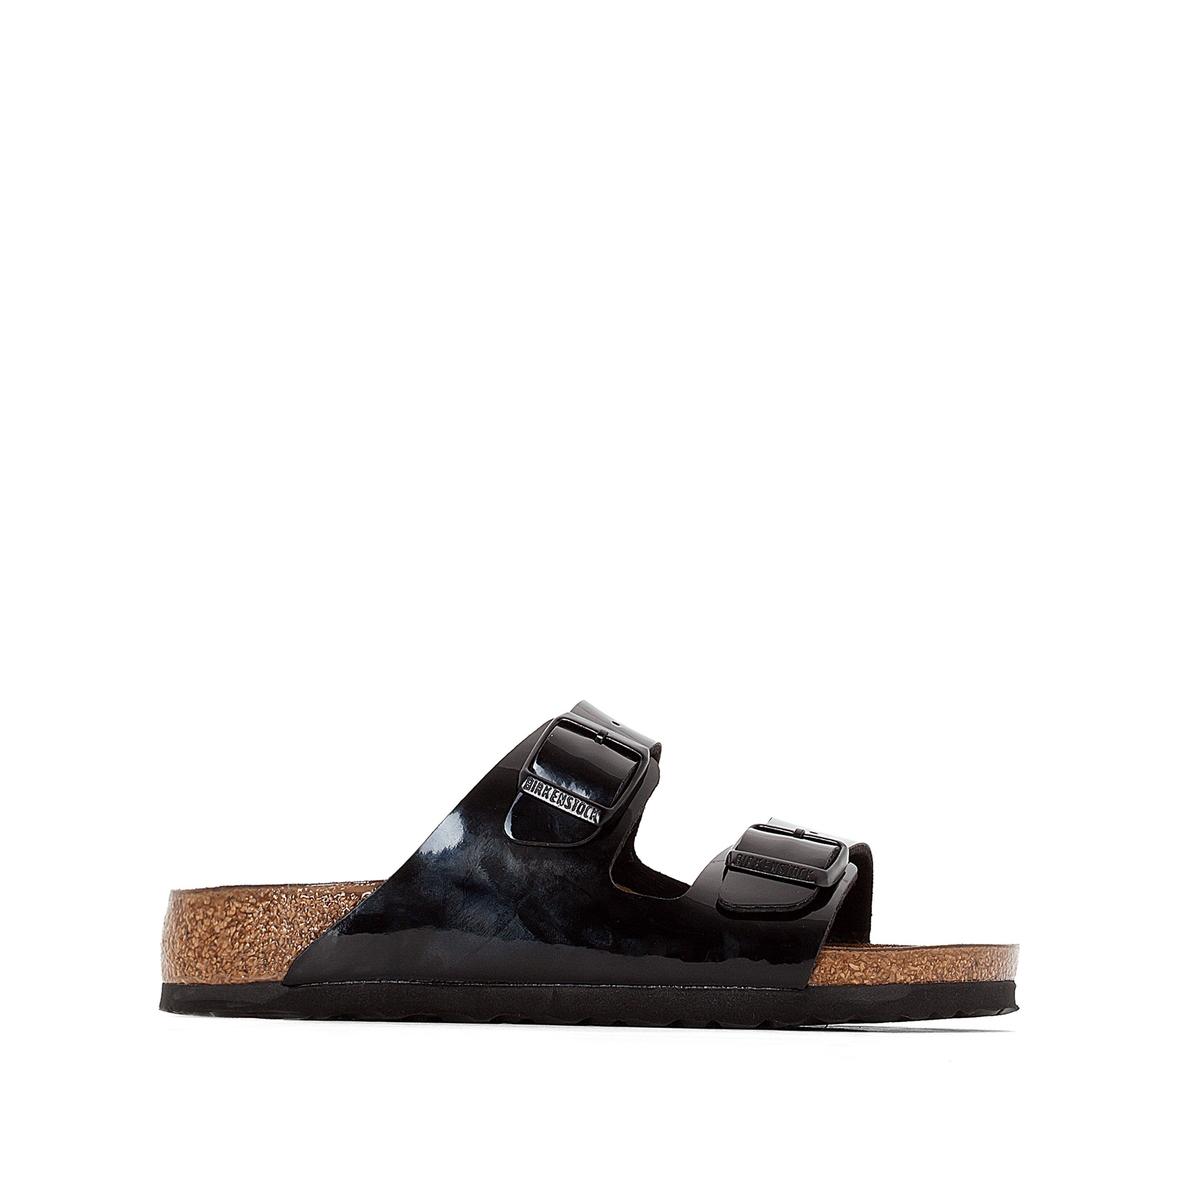 Туфли без задника лакированные ARIZONAВерх : синтетический материал (Birko-Flor)                 Подкладка : фетр               Стелька : велюровая кожа               Подошва : синтетика               Застежка : ЭВА<br><br>Цвет: Черный лак<br>Размер: 39